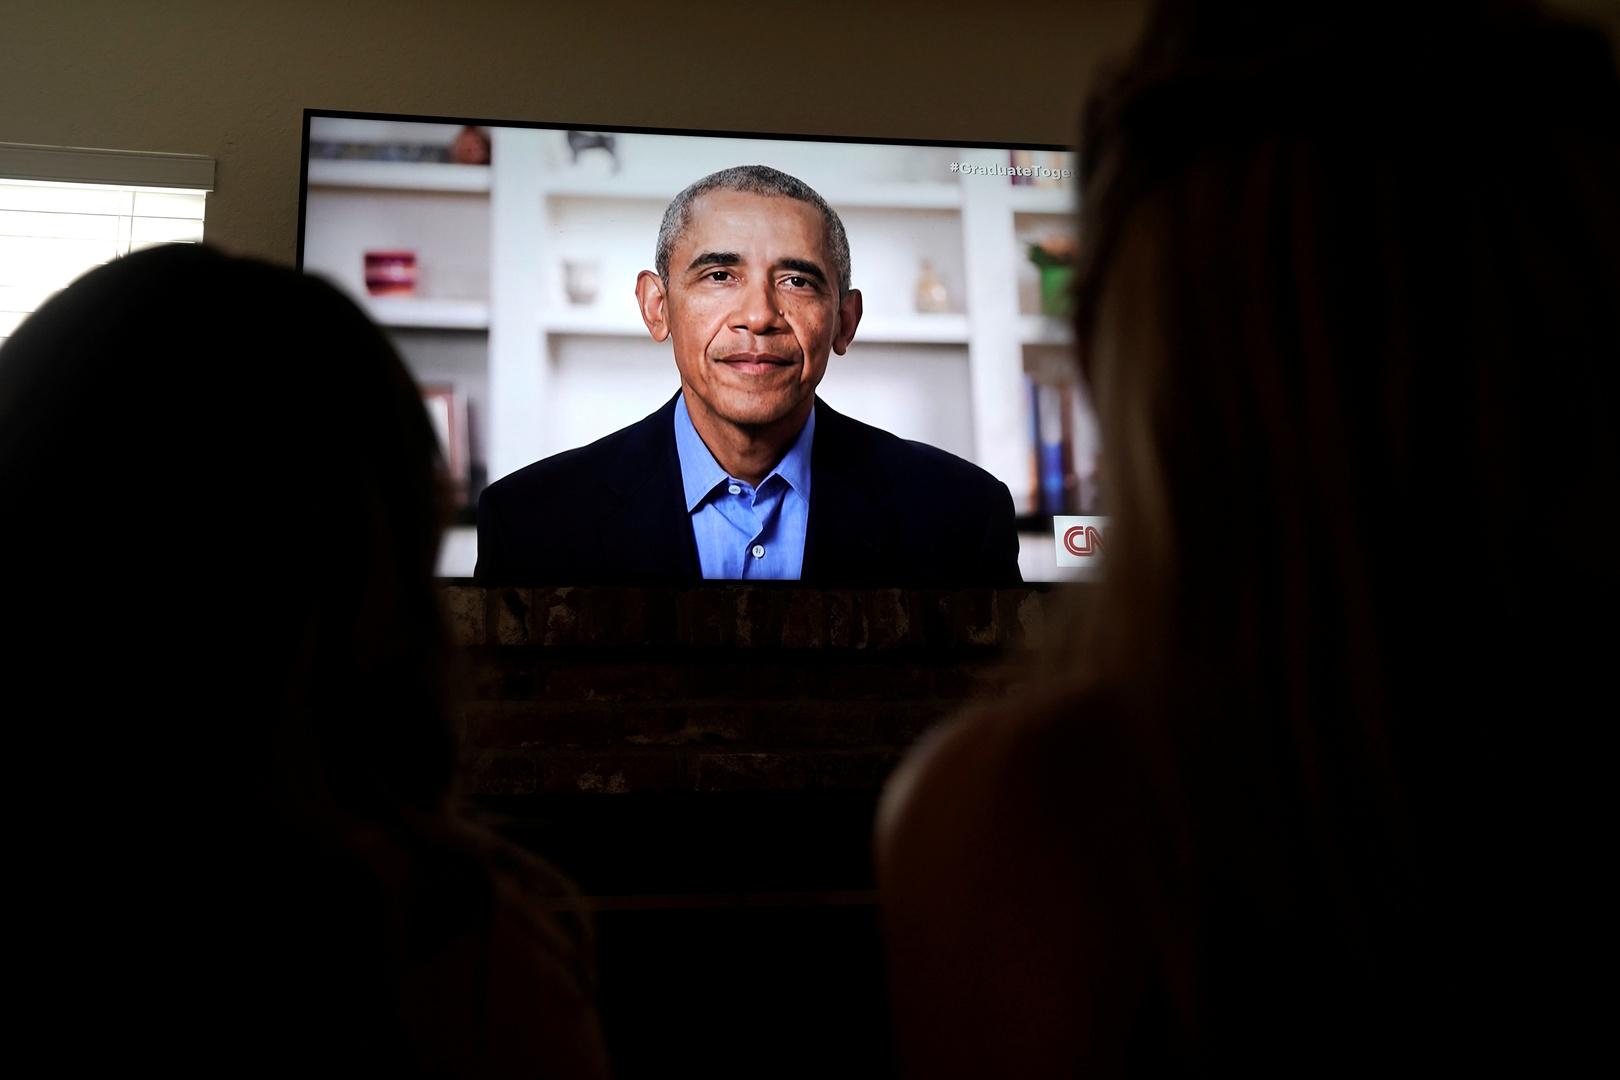 تعليق أوباما على مقتل المواطن الأسمر في مينيسوتا